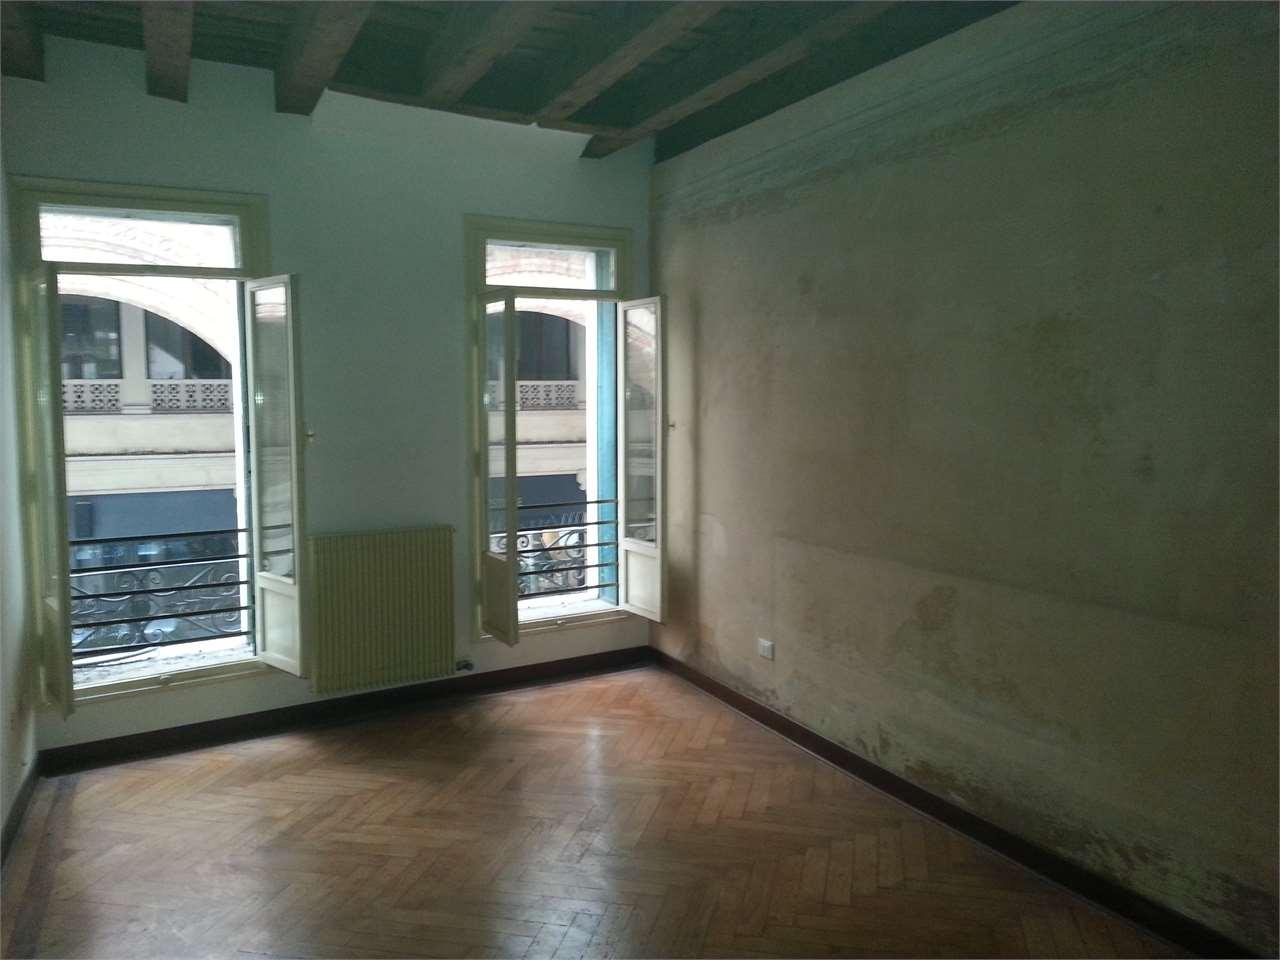 Appartamento in affitto a Treviso (TV)